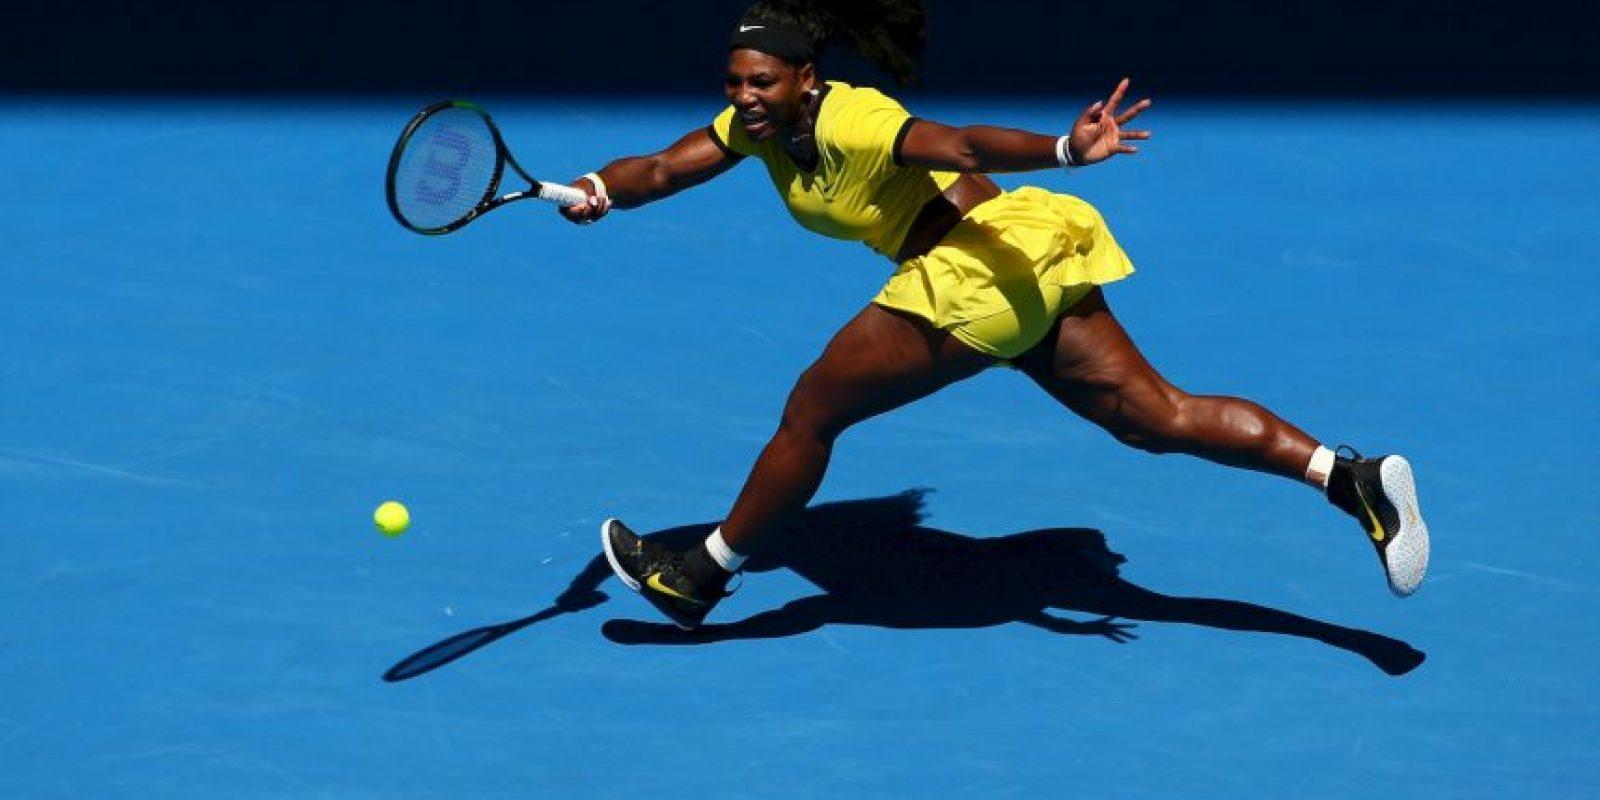 """""""Juego con intensidad y todas las jugadoras con las que me enfrento parecen que también lo hacen intensamente"""", Serena Williams, número uno de la WTA Foto:Getty Images"""